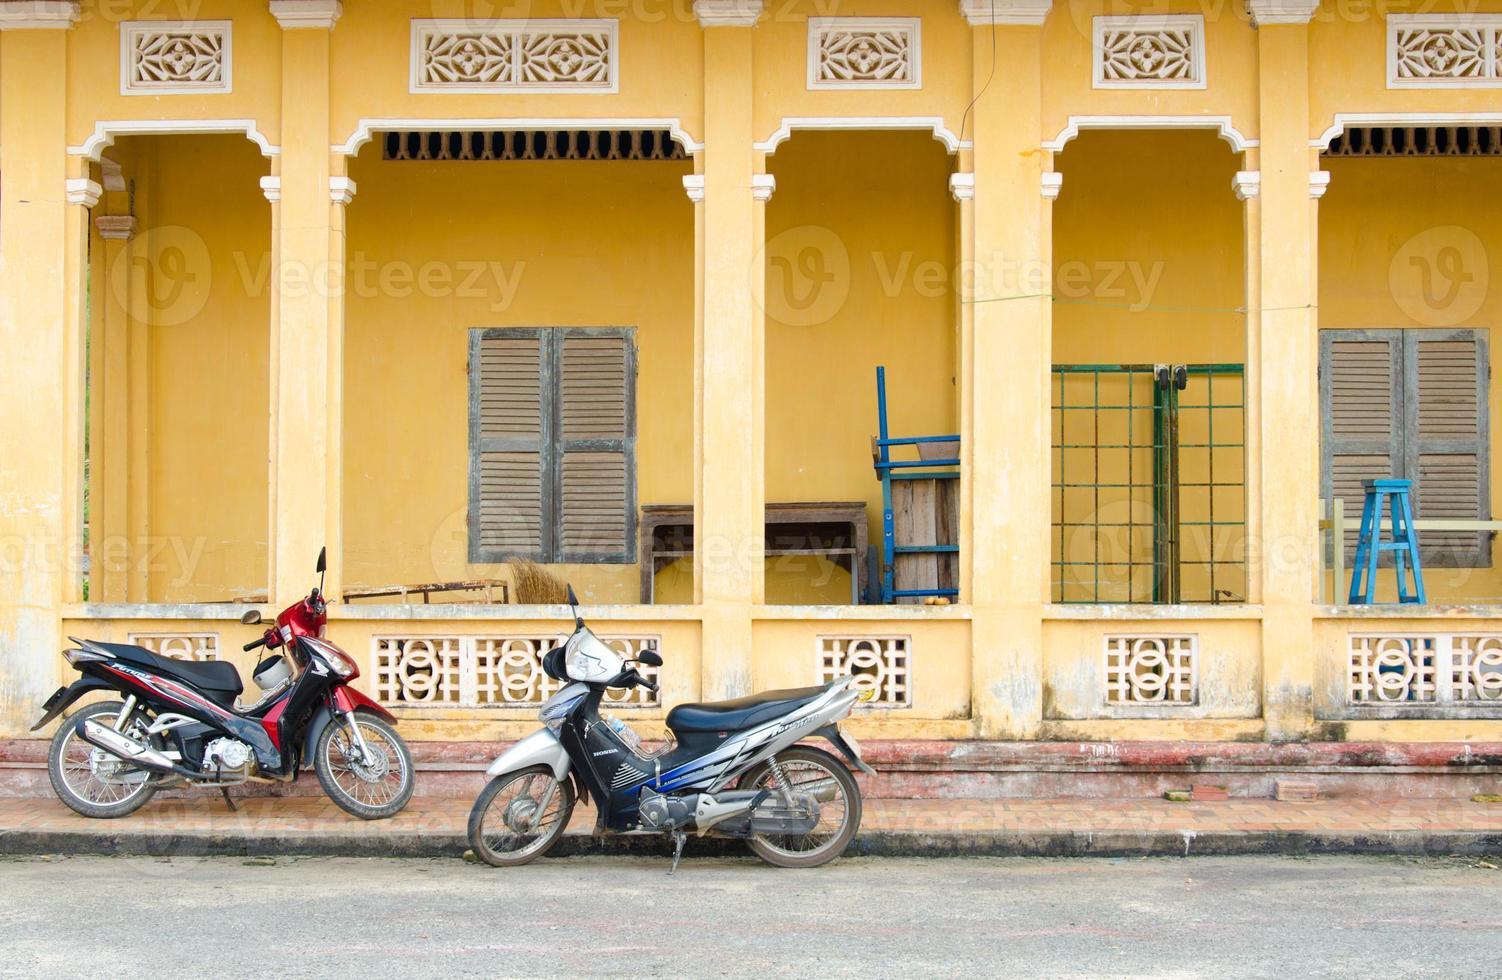 motobikes bij tay ninh, vietnam foto